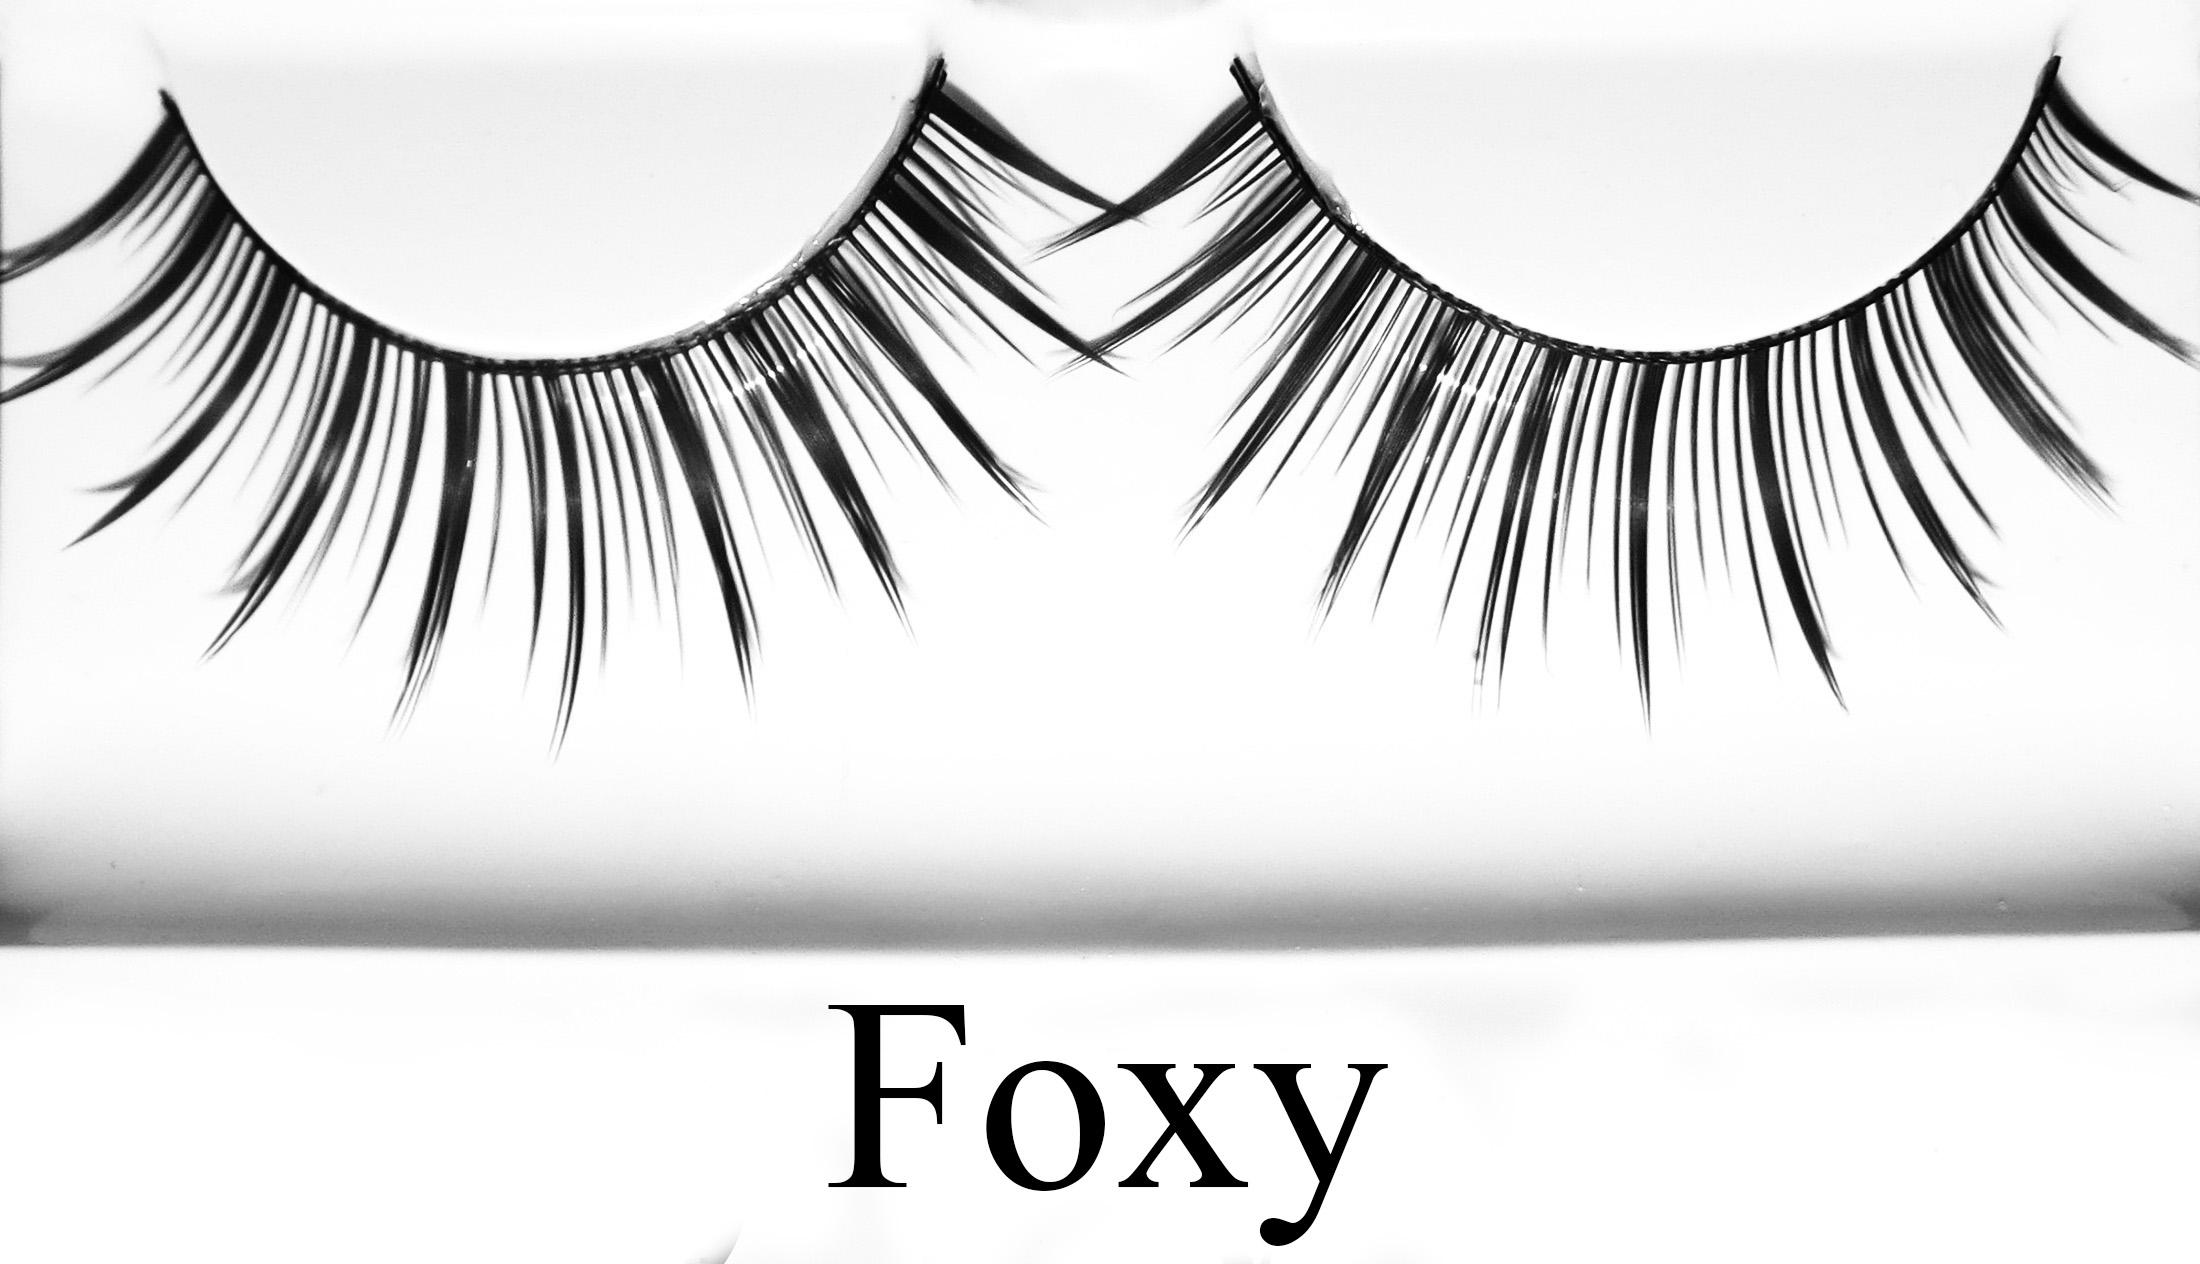 1Foxy